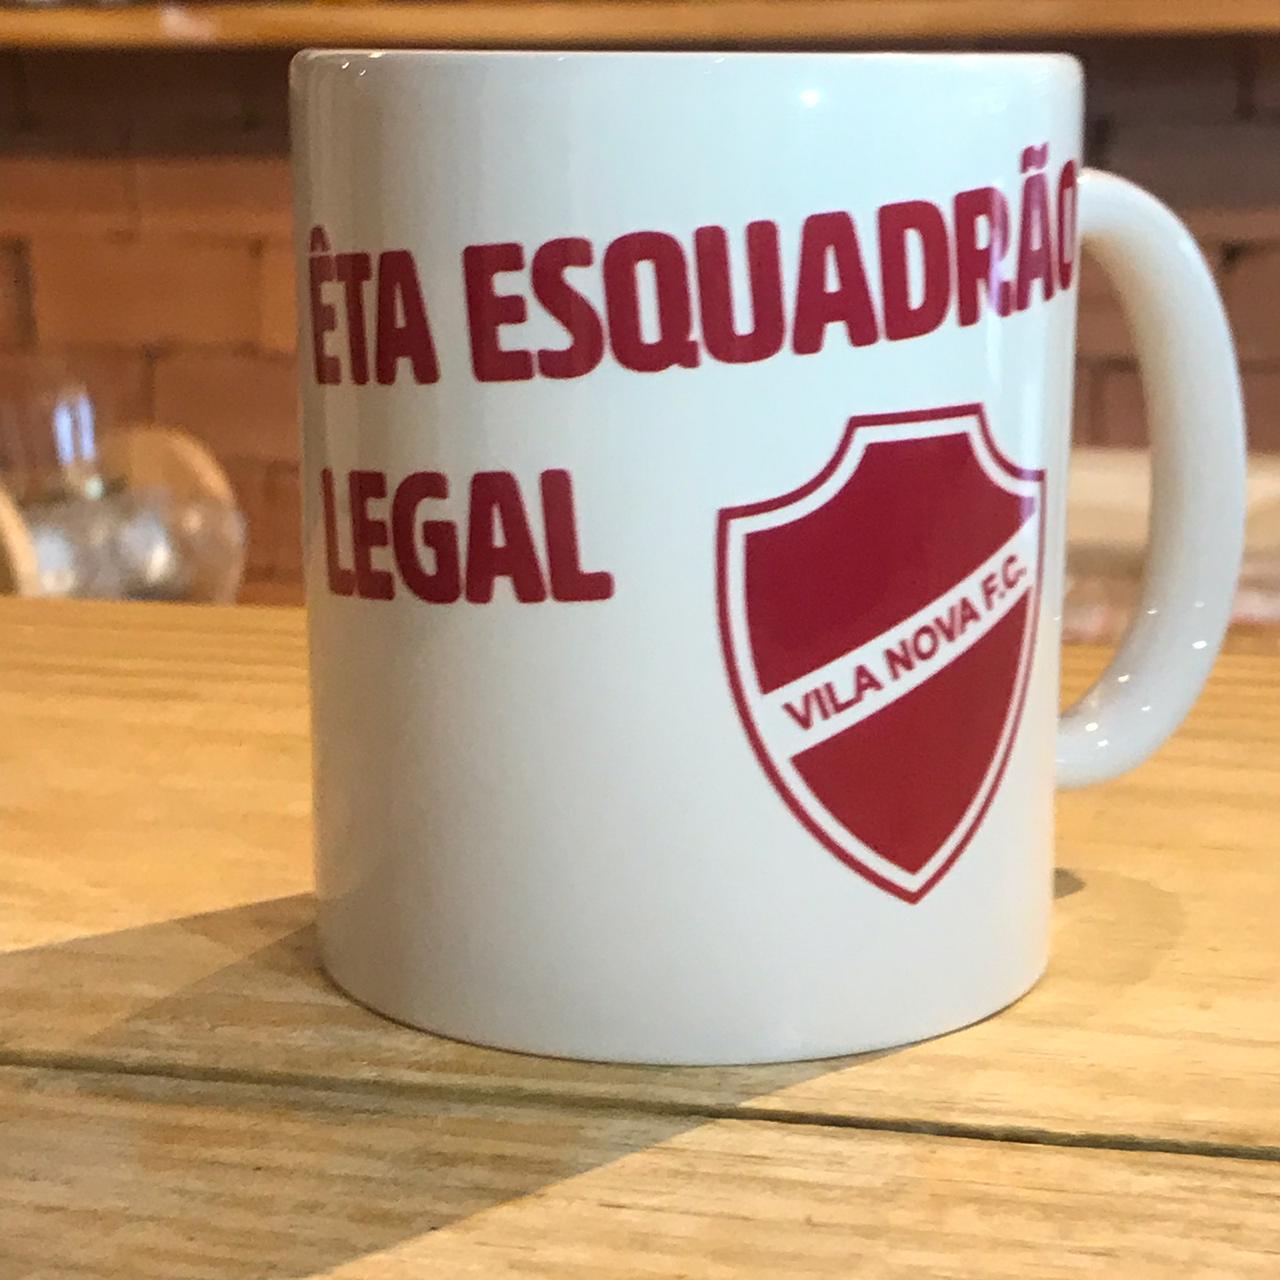 Caneca Êta Esquadrão Legal - Vila Nova